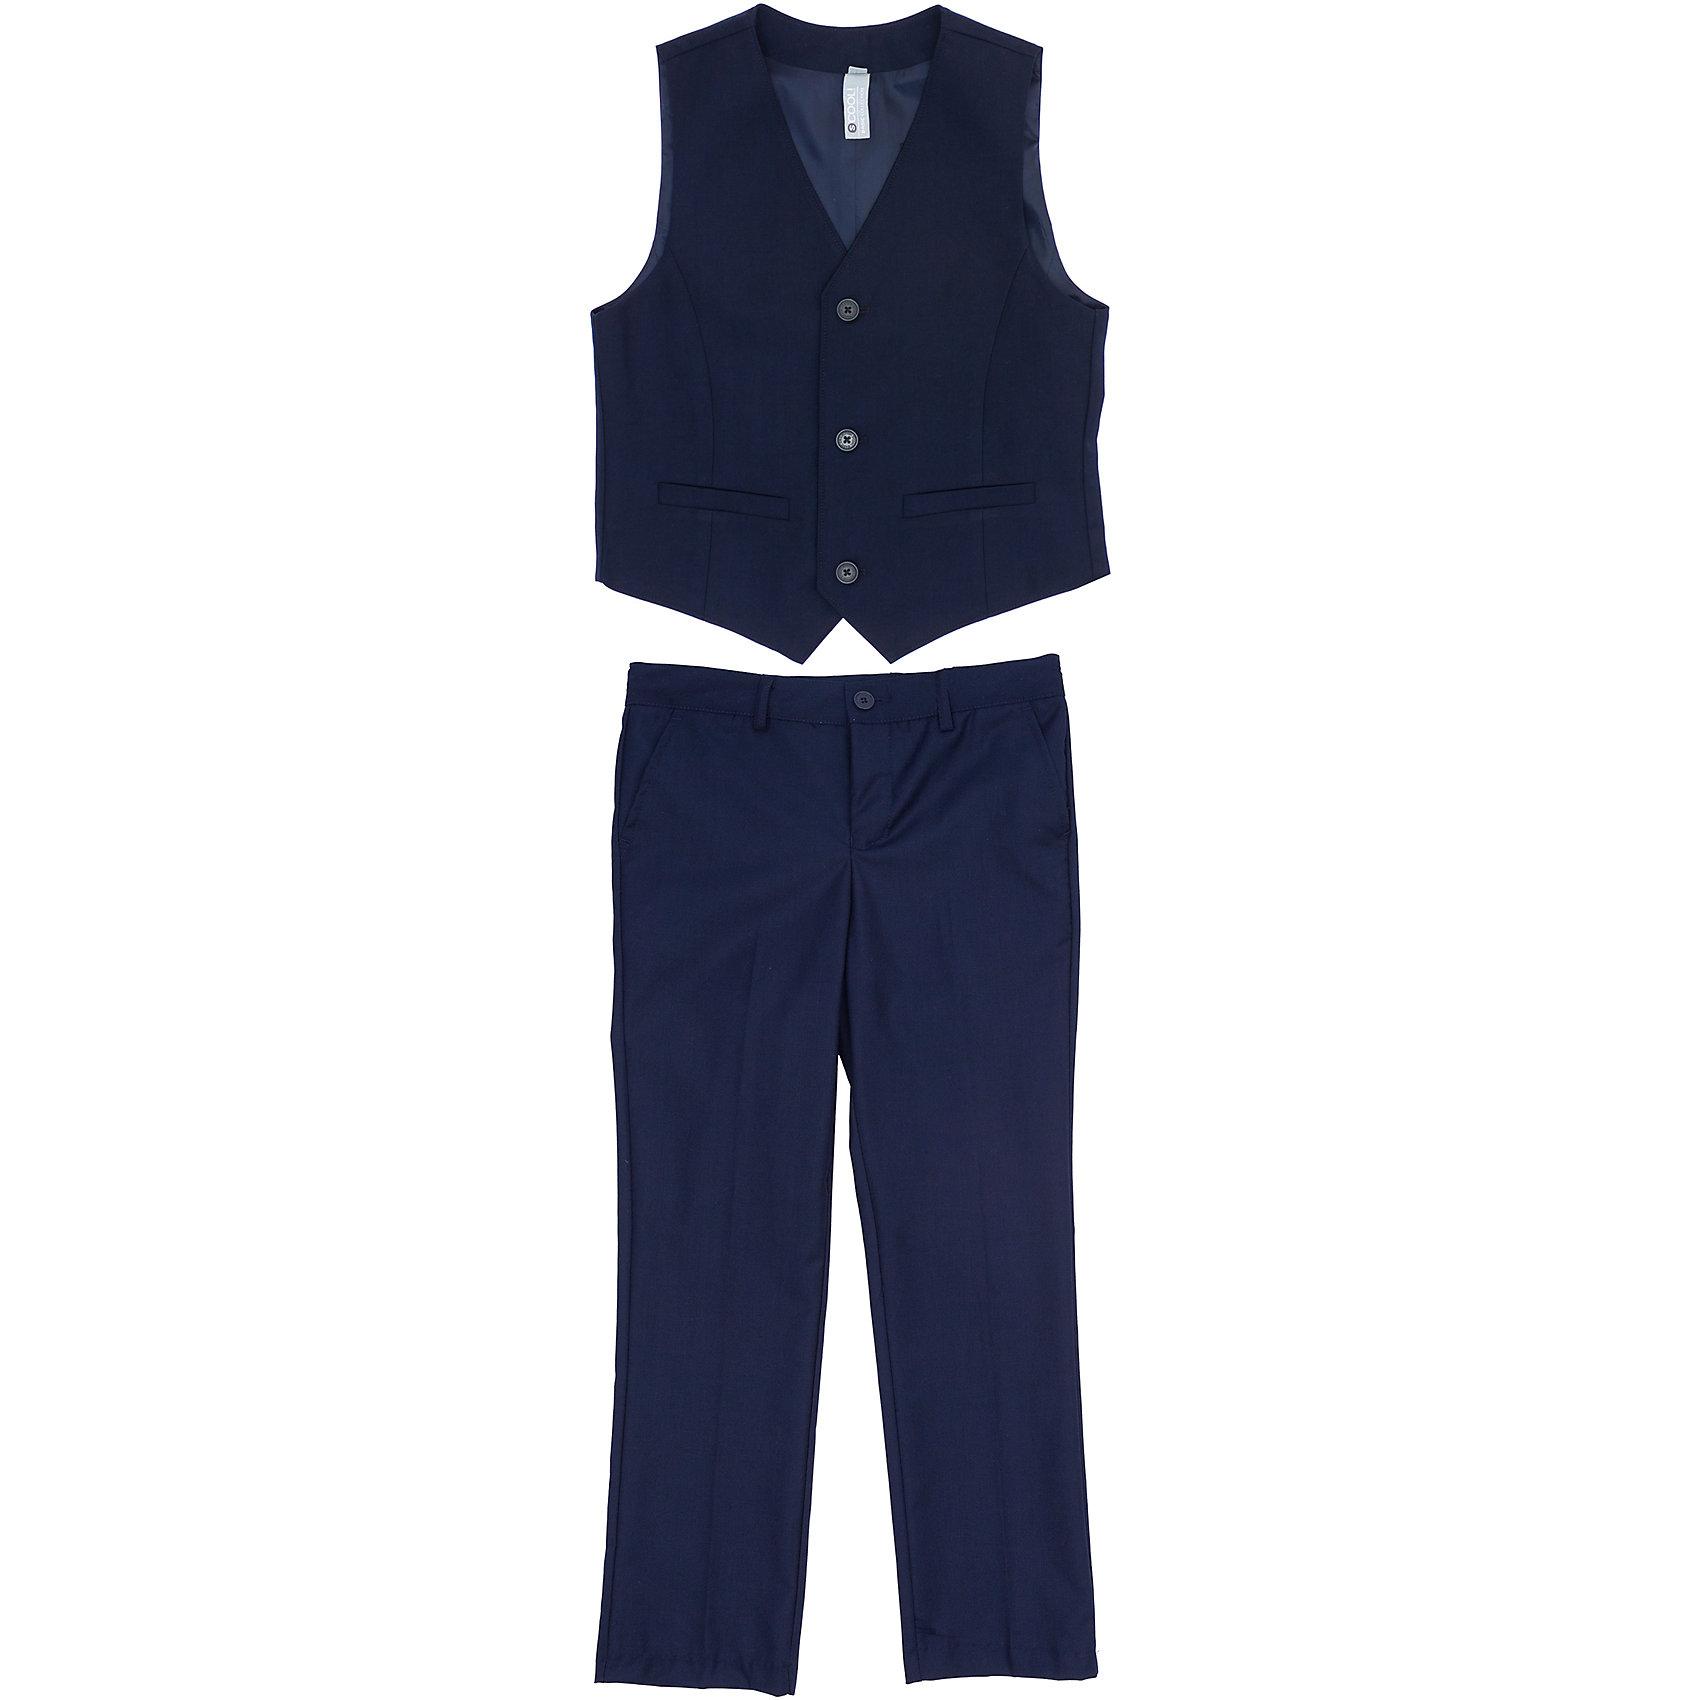 Комплект: жилет и брюки для мальчика ScoolКомплект: жилет и брюки для мальчика от известного бренда Scool<br>Состав:<br>Верх: 65% полиэстер, 35% вискоза, Подкладка: 65% полиэстер 35% вискоза<br>Классический комплект: жилет и брюки со стрелками. Стильный темно-синий цвет позволяет сочетать комплект с любыми рубашками. <br>Жилет на подкладке, застегивается на 3 пуговицы. Украшен декоративными карманами. <br>Брюки застегиваются на молнию и пуговицу, есть шлевки для ремня. Спереди 2 функциональных кармана.<br><br>Ширина мм: 247<br>Глубина мм: 16<br>Высота мм: 140<br>Вес г: 225<br>Цвет: полуночно-синий<br>Возраст от месяцев: 72<br>Возраст до месяцев: 84<br>Пол: Мужской<br>Возраст: Детский<br>Размер: 122,134,164,158,152,146,140,128<br>SKU: 4686715